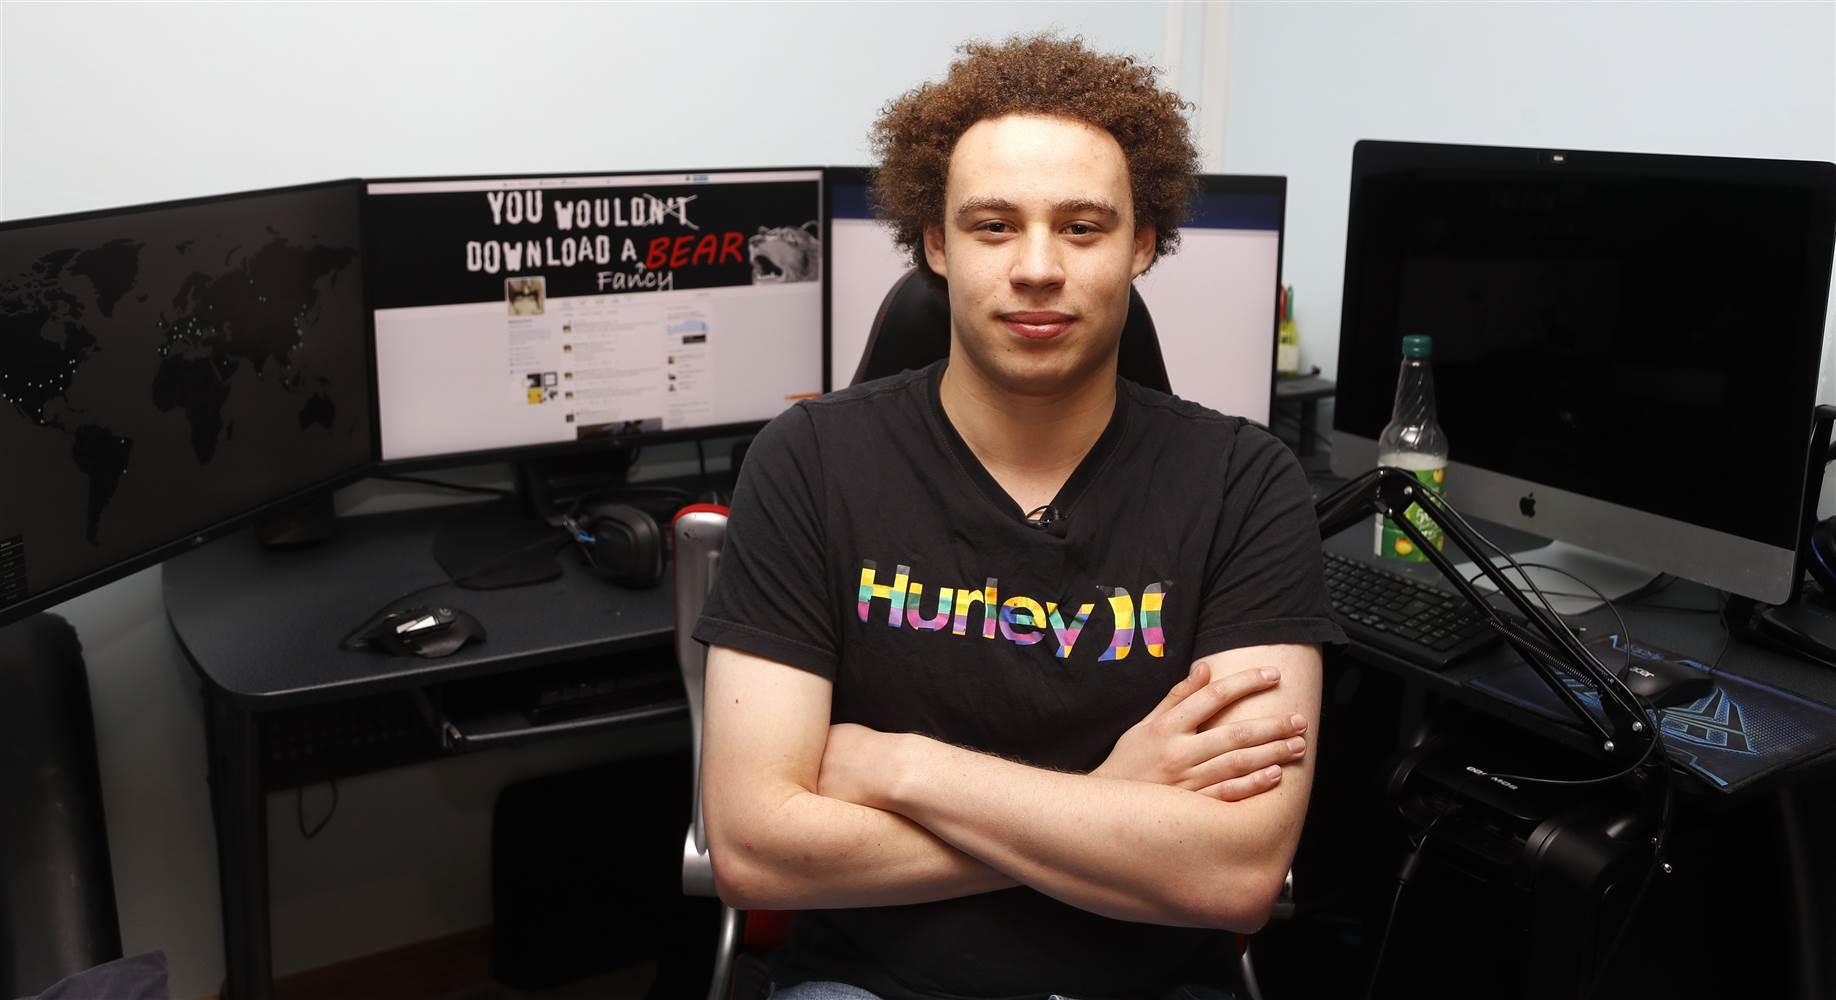 Marcus Hutchins est accusé d'activités liées au piratage